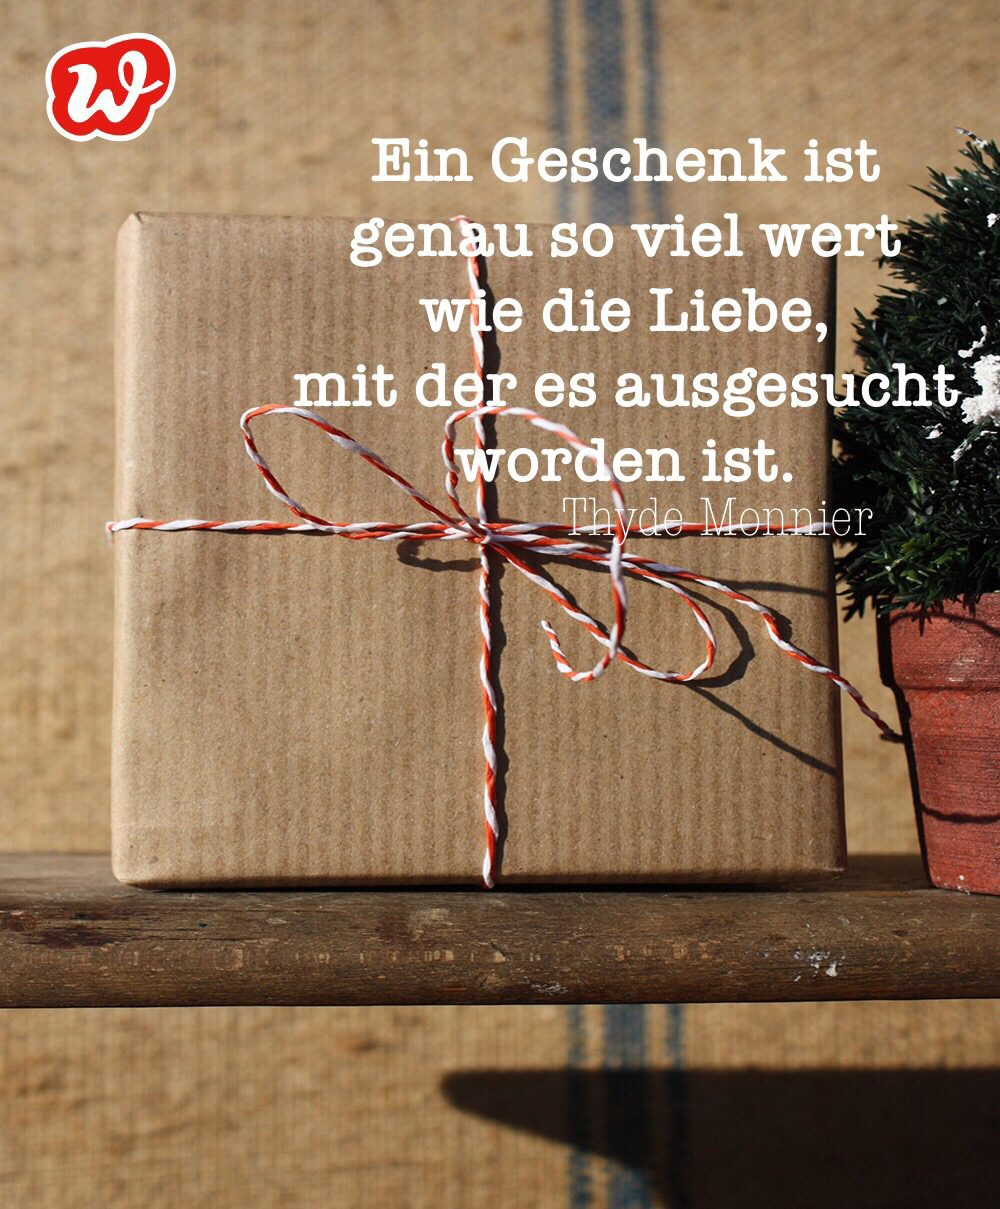 Geschenk, Zitat, Wilhelm Busch, Glück, die kleinen Dinge